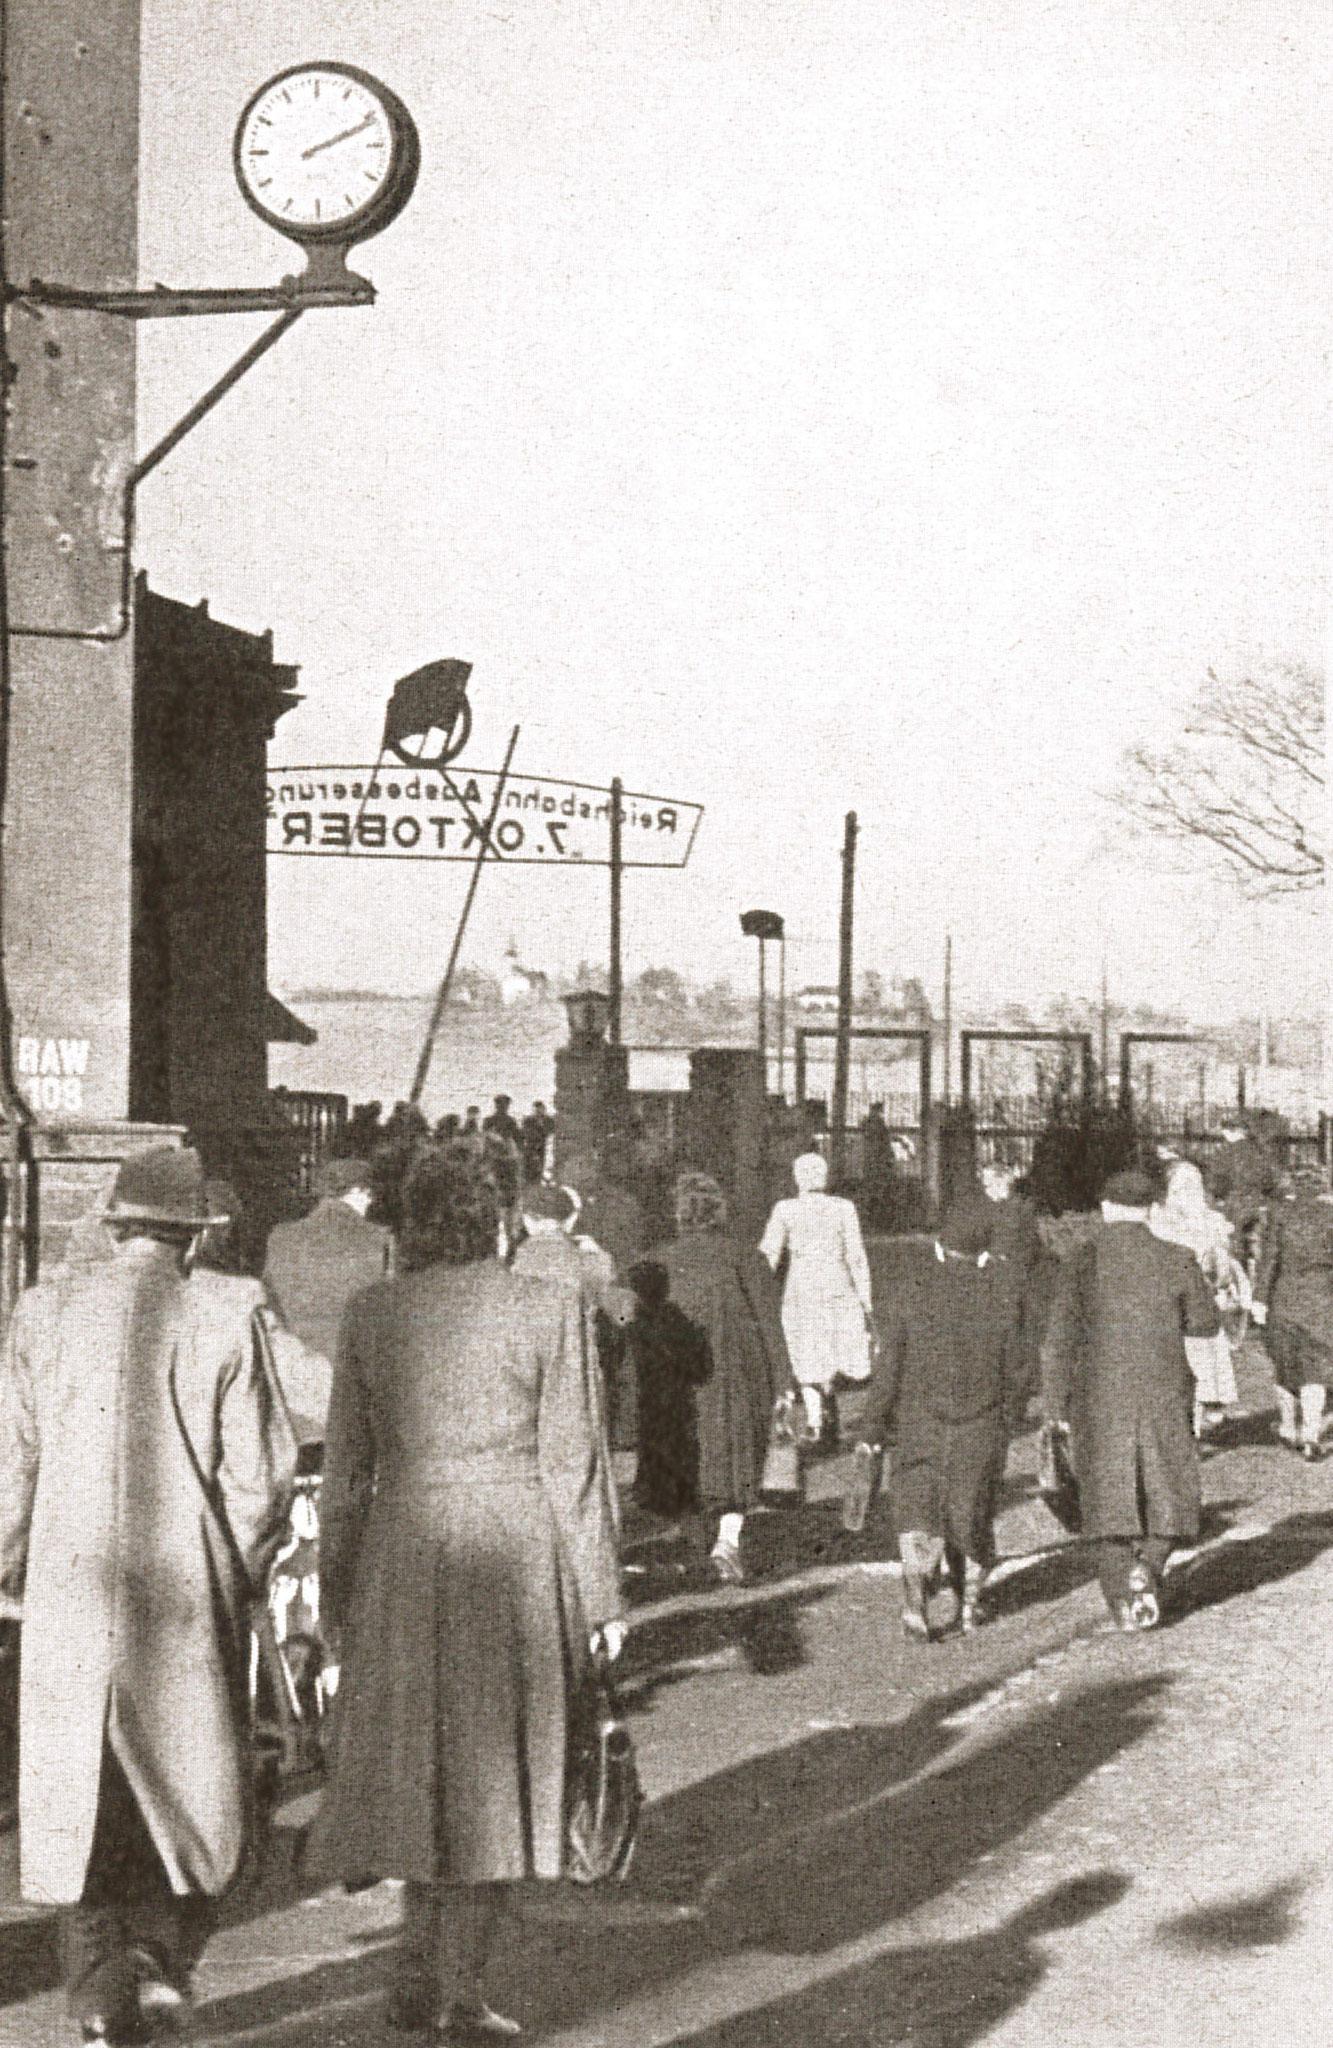 """Schichtende am Haupttor (Quelle: """"50 Jahre RAW, 50 Jahre Arbeiterbewegung"""", Zwickau, 1958)"""